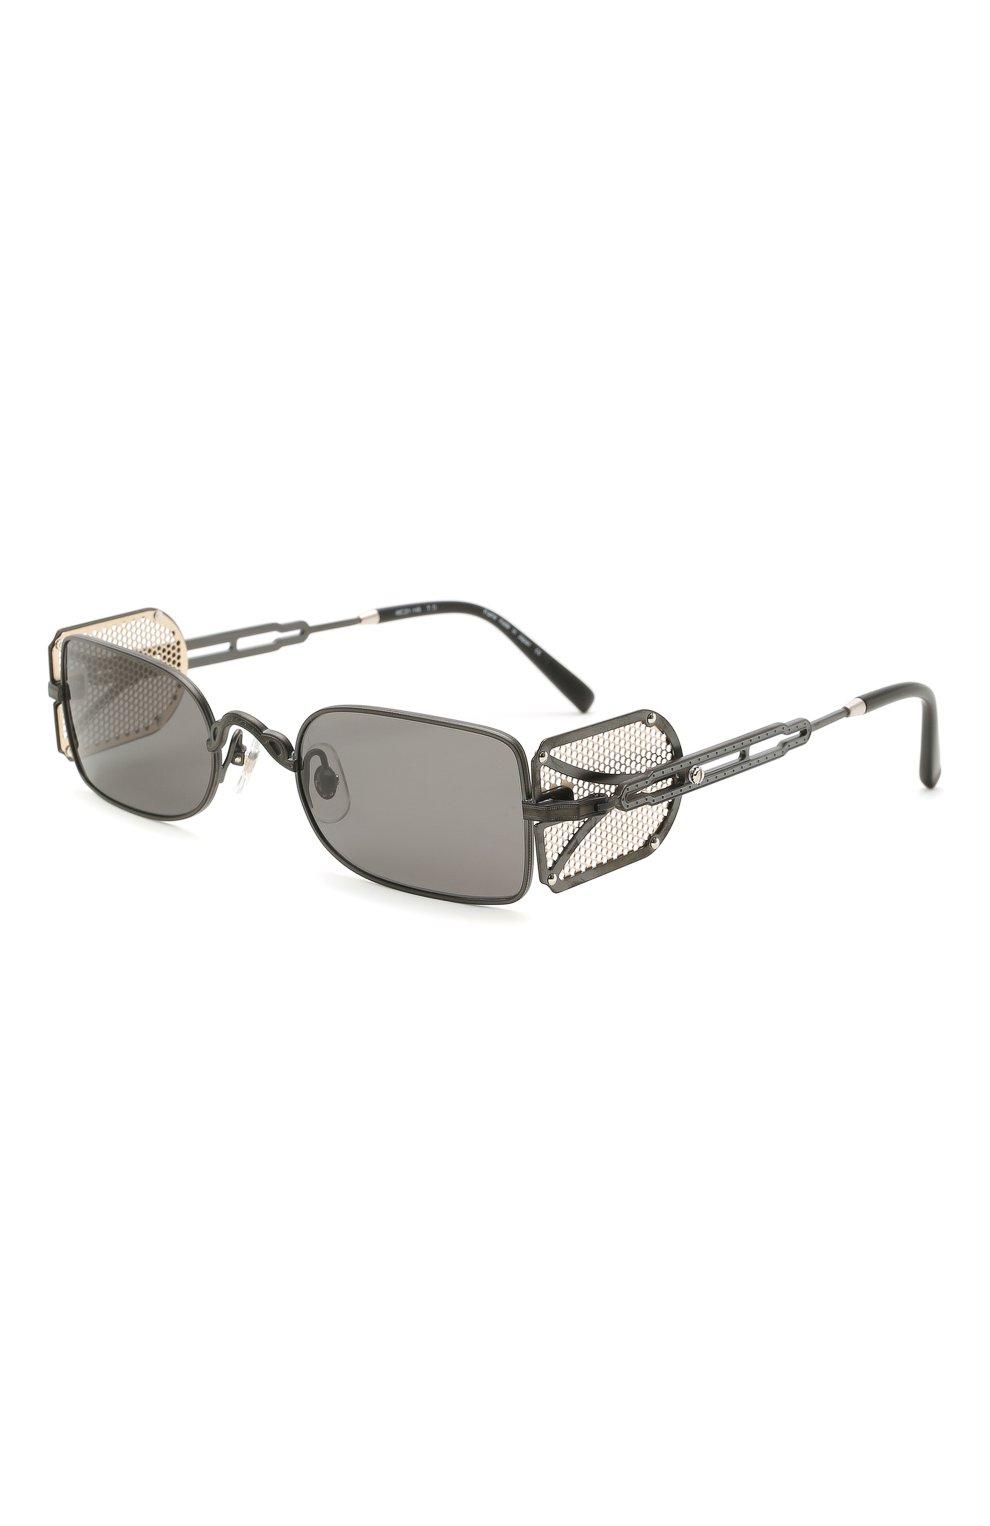 Женские солнцезащитные очки MATSUDA темно-серого цвета, арт. 10611H MBK-BG | Фото 1 (Тип очков: С/з; Очки форма: Овальные, Круглые; Оптика Гендер: оптика-унисекс)